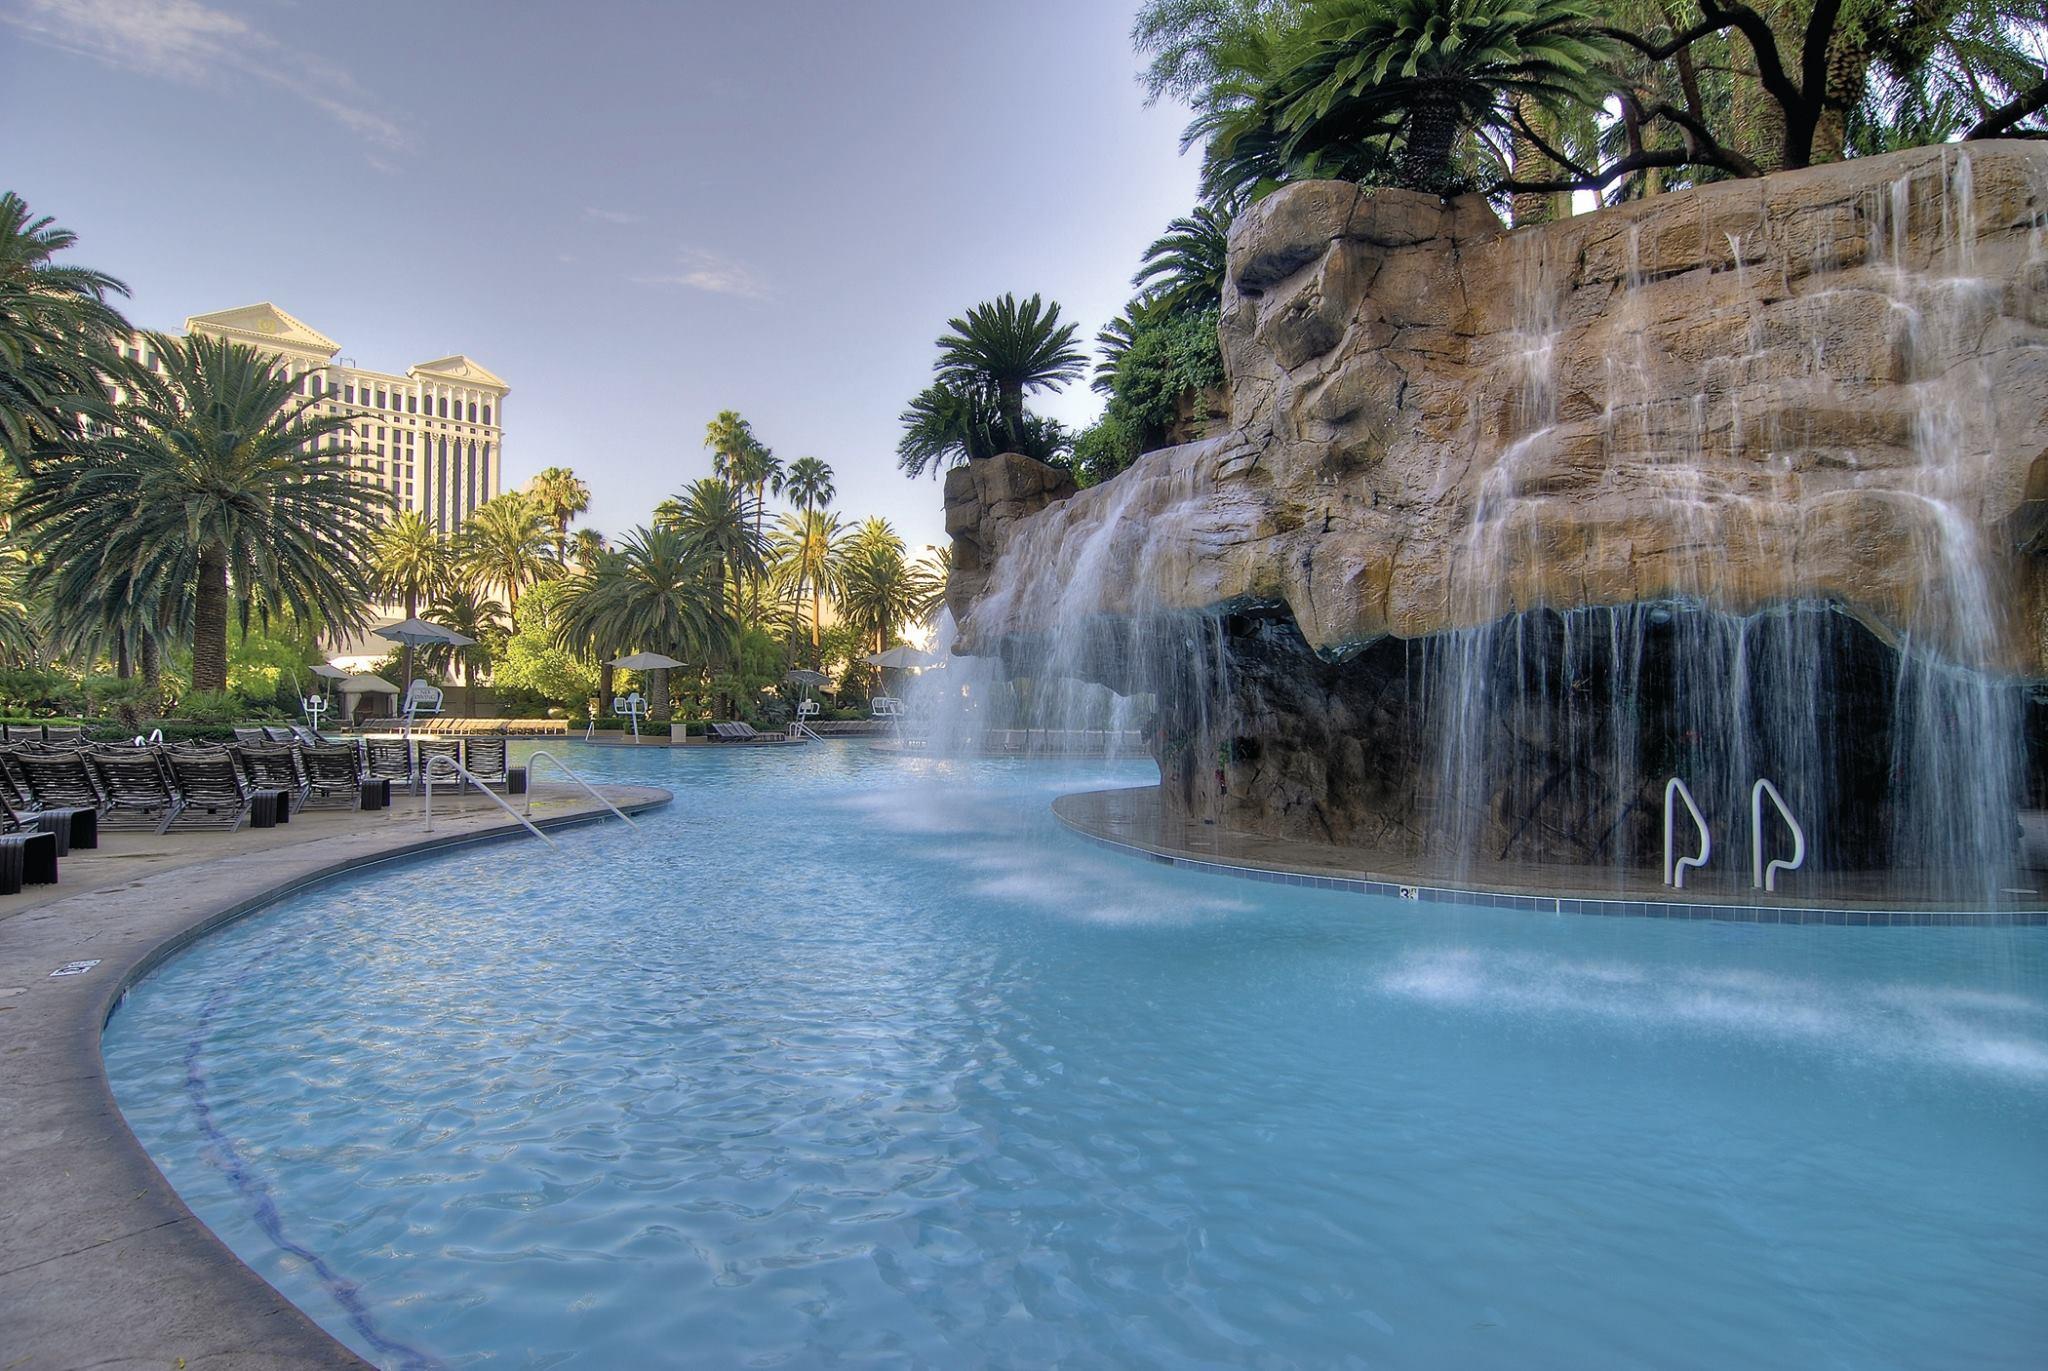 The Mirage Vegas Pool